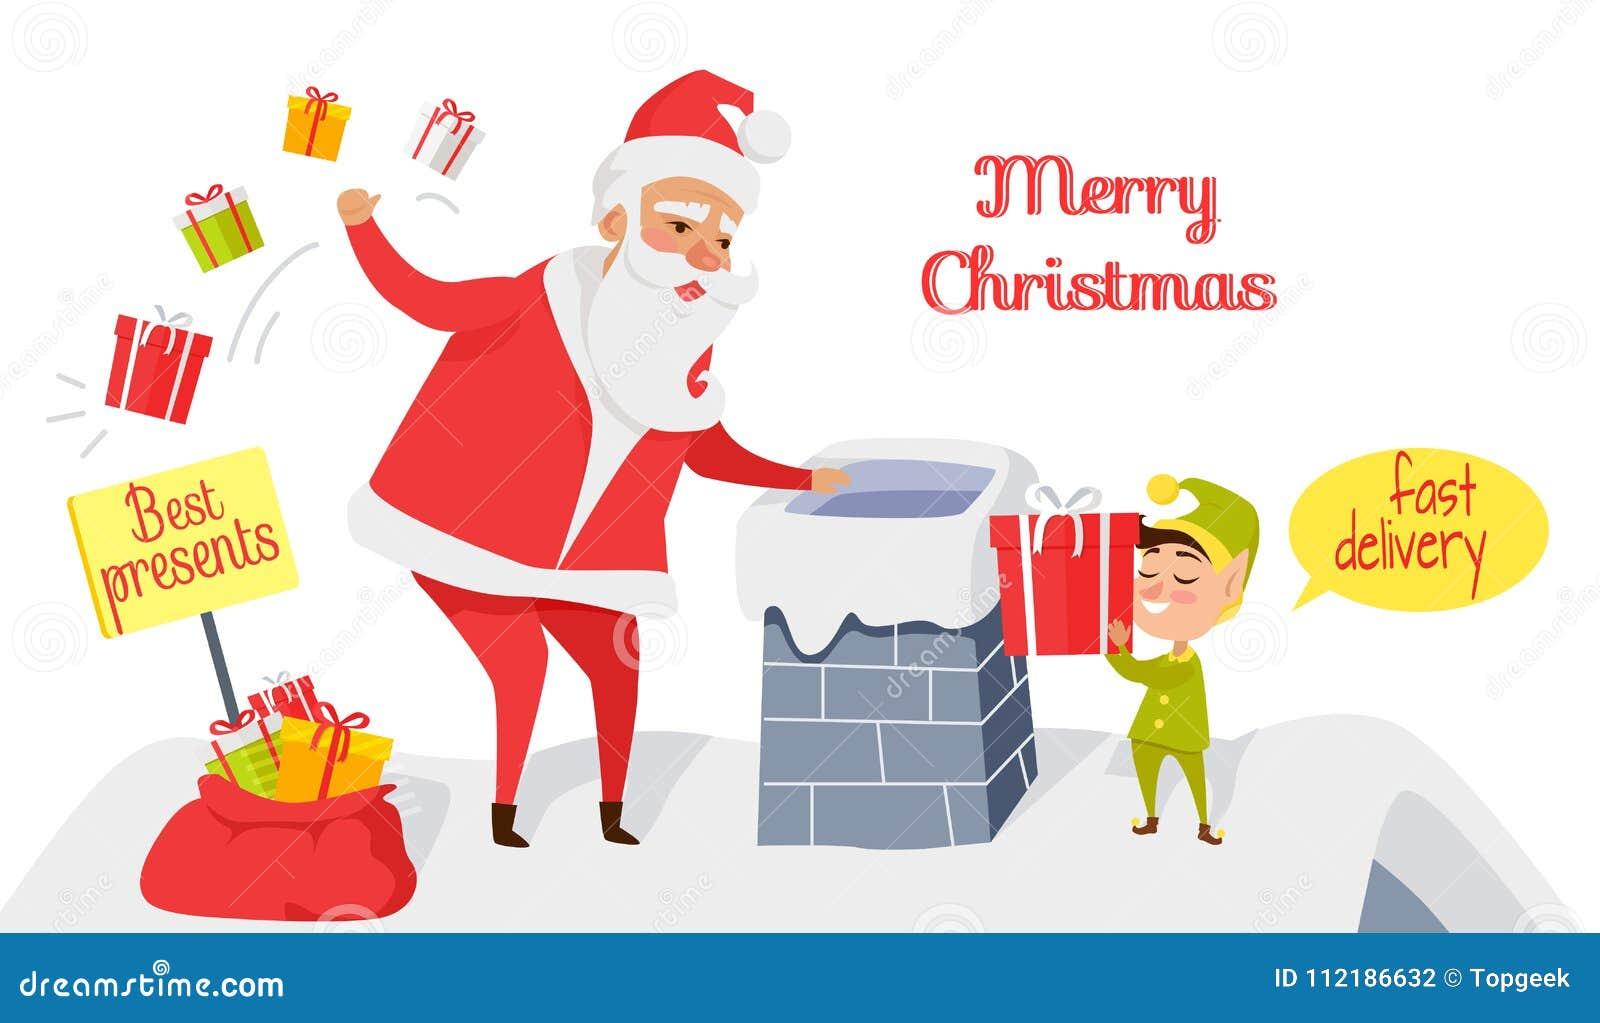 Frohe Weihnachten Beste Geschenke Schnelle Anlieferung Vektor ...